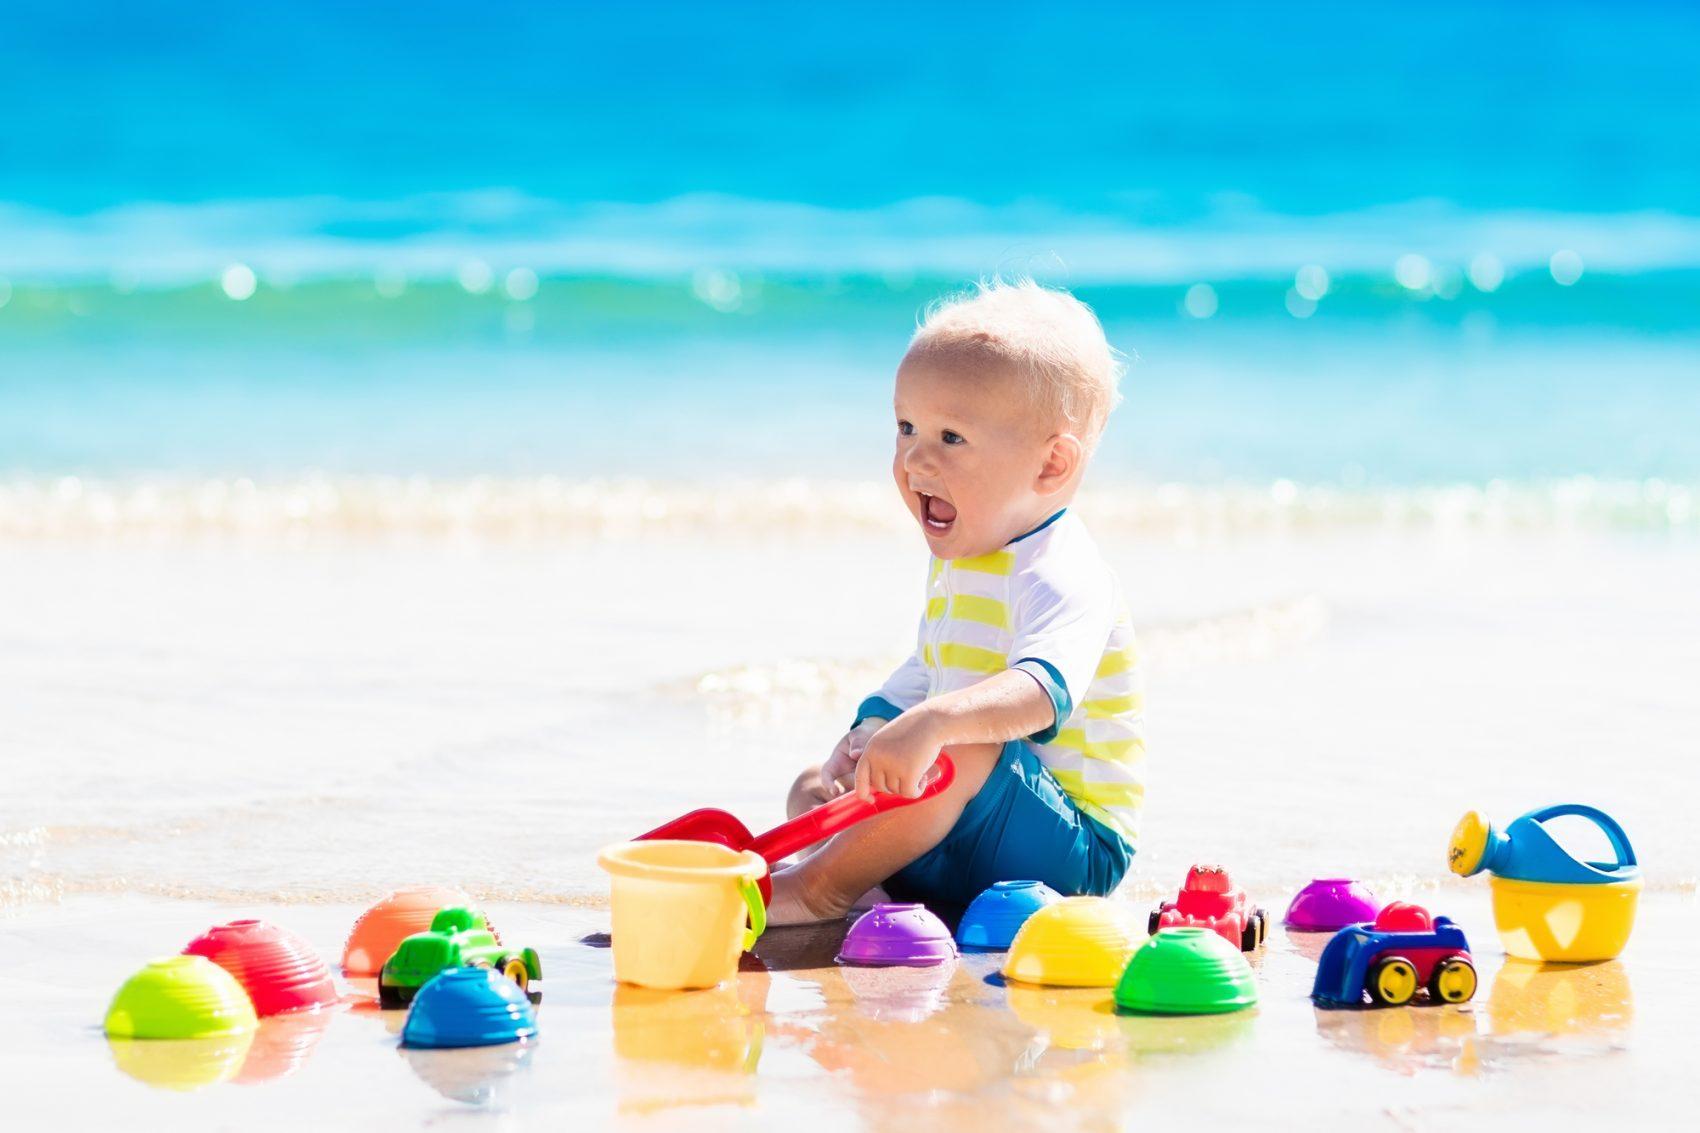 giochi da spiaggia per bambini piccoli